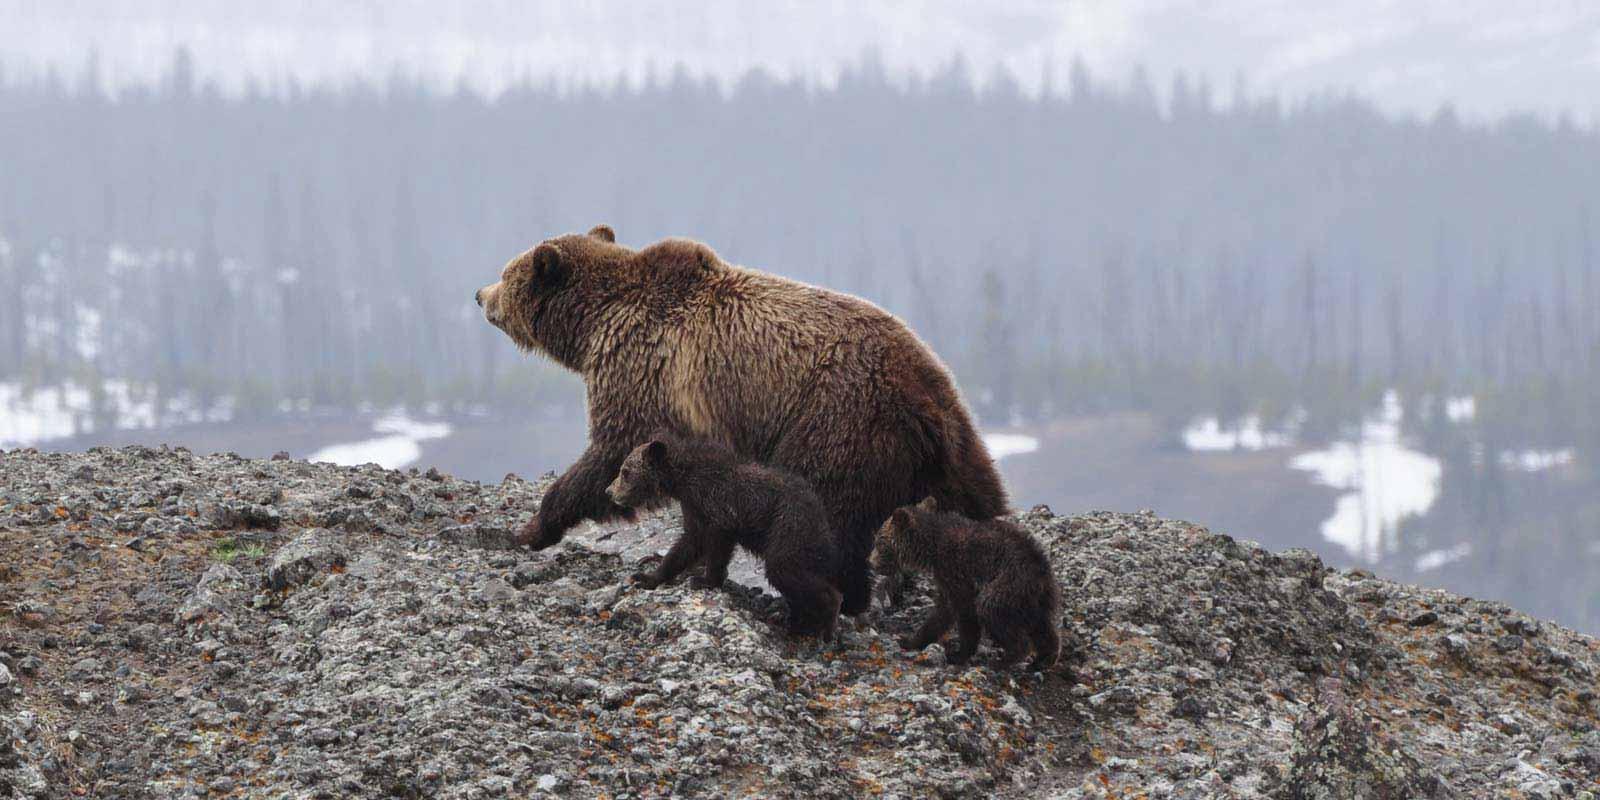 skarvruet hotel tänndalen funäsdalen funäsjällen härjedalen jämtland bear wildlife